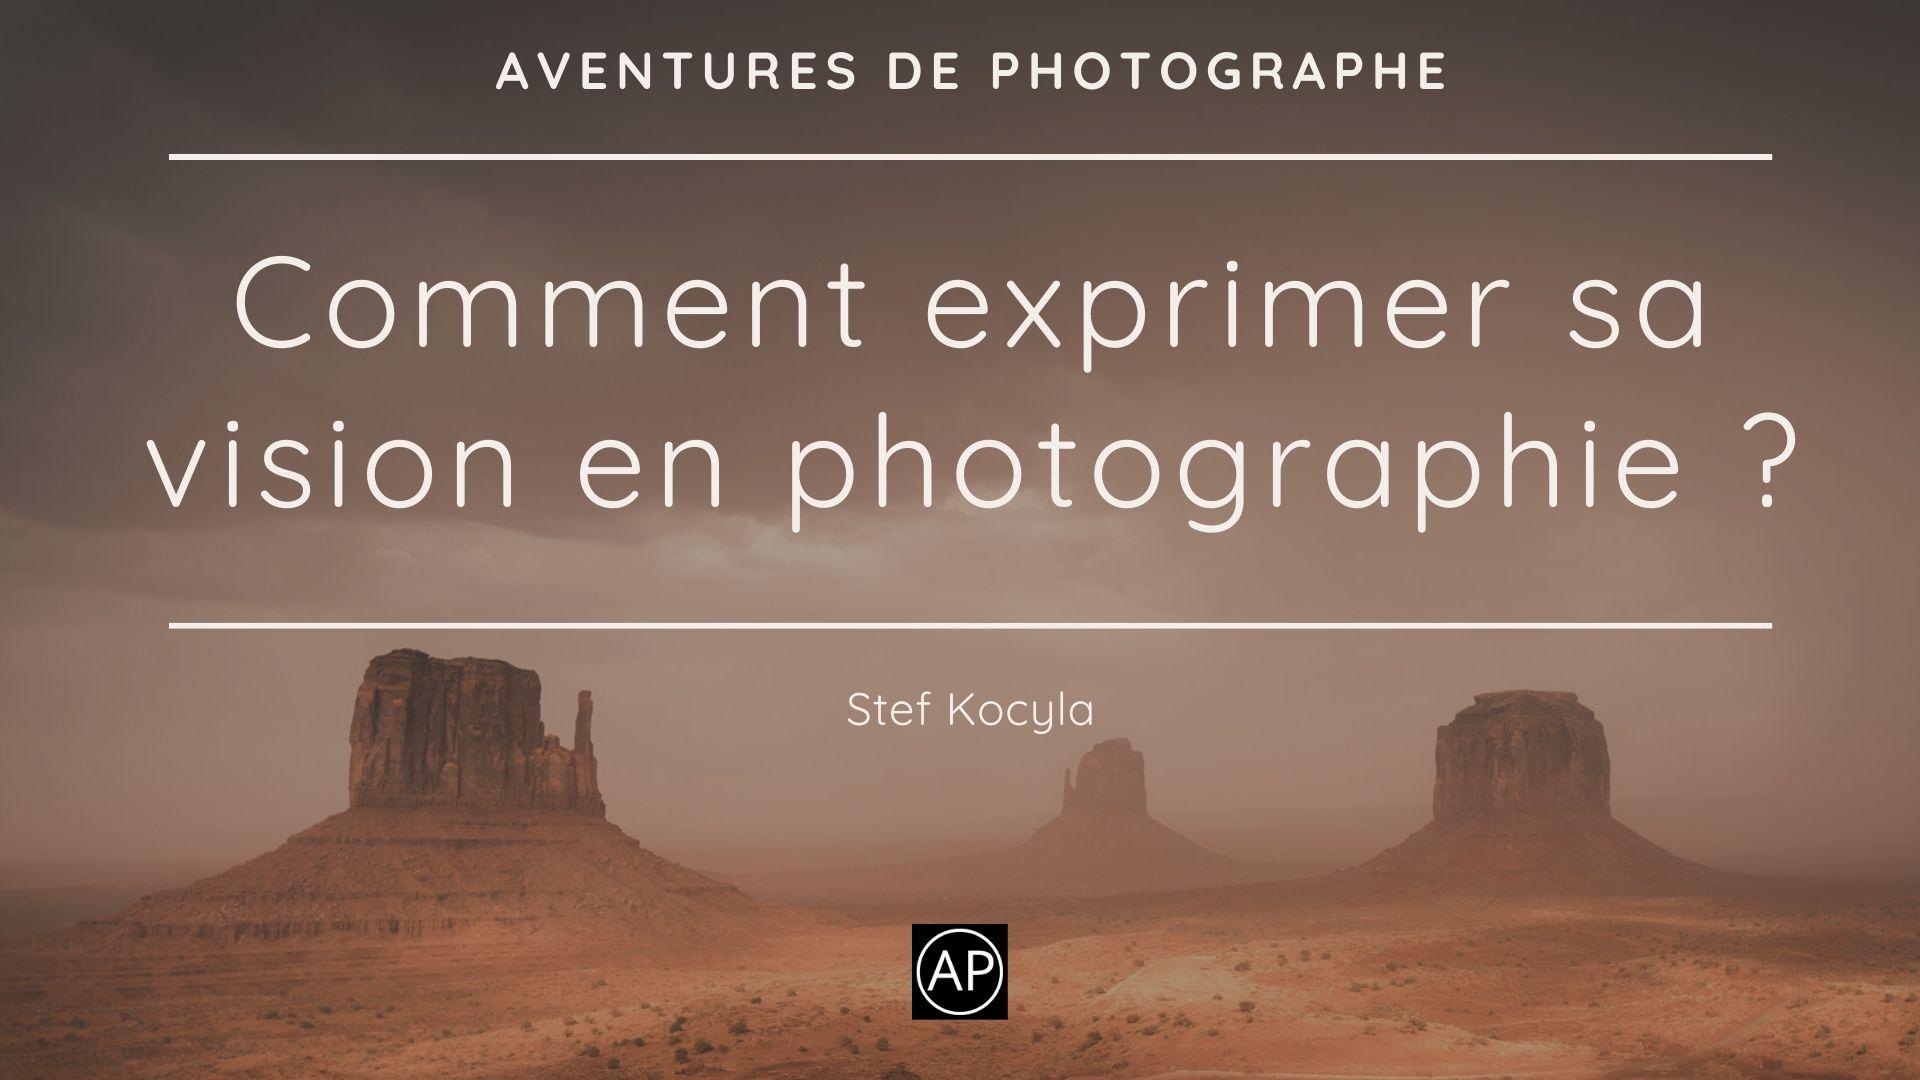 Comment exprimer sa vision en photographie